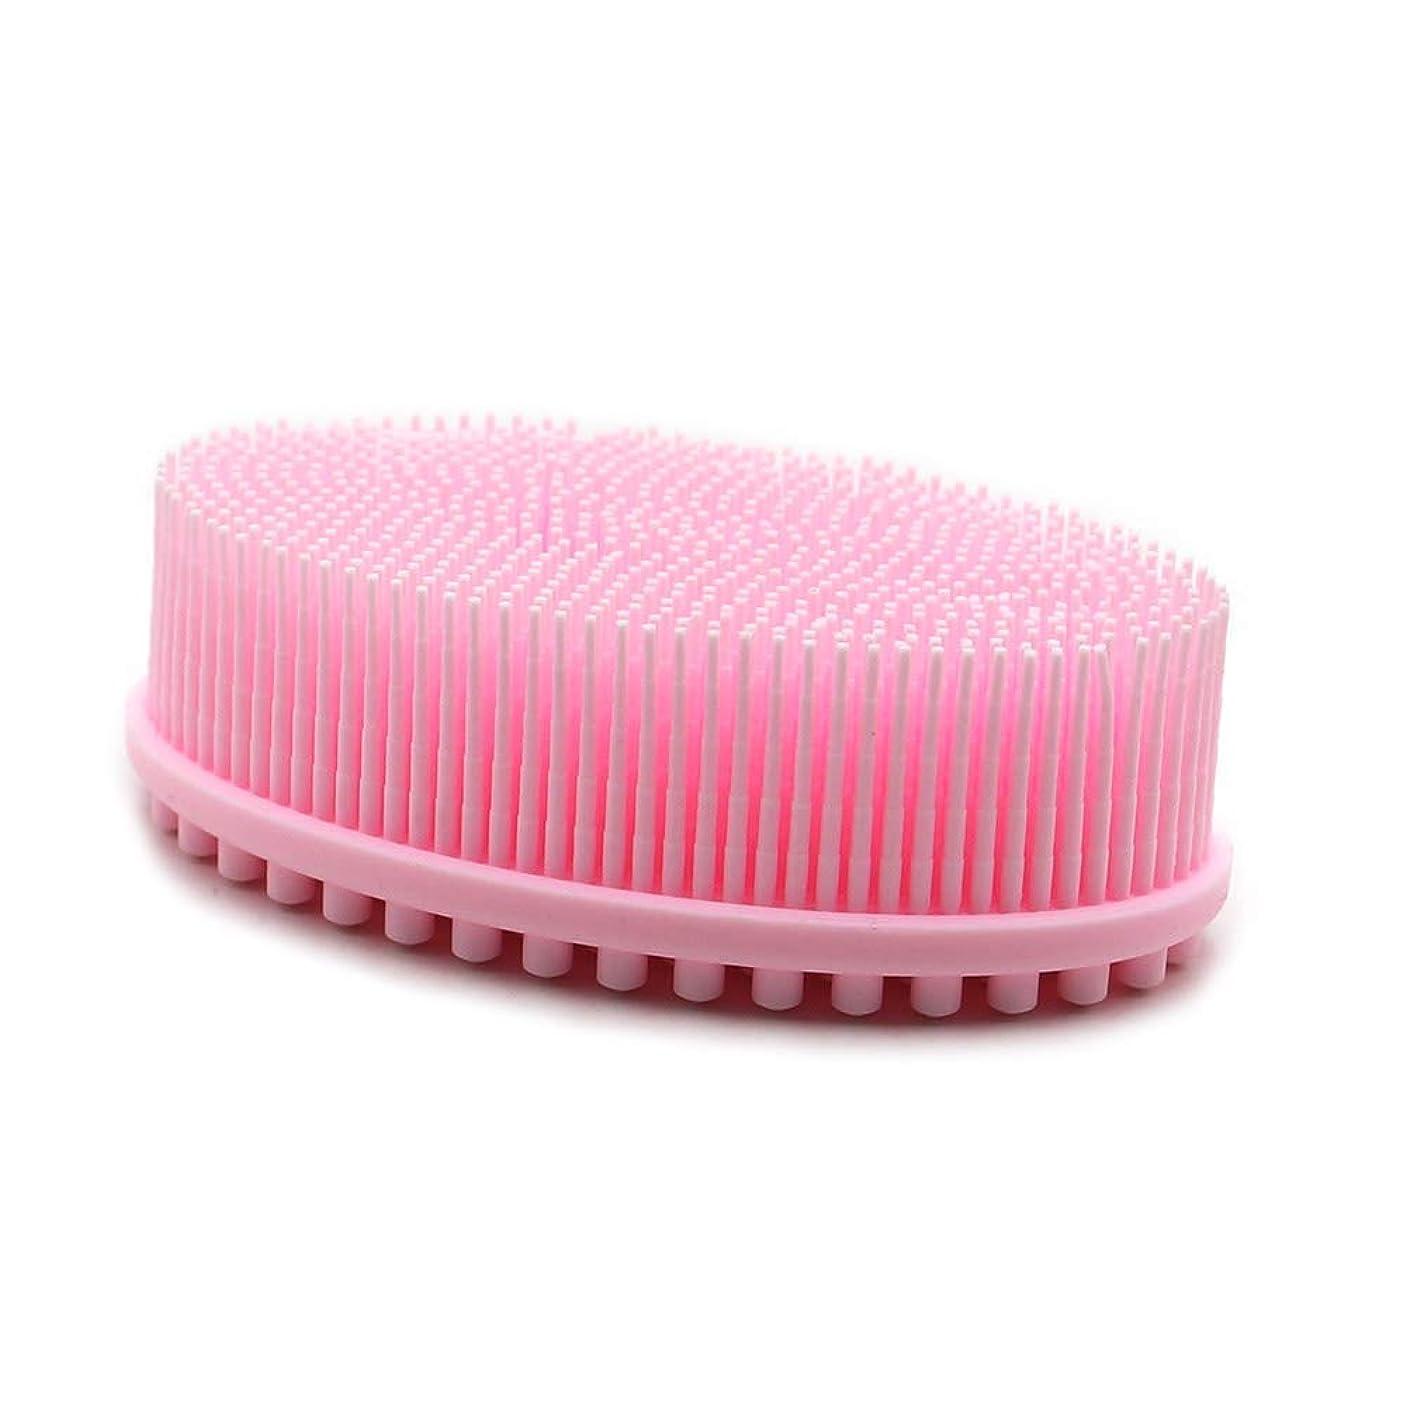 複製地下室安全性ボディブラシ 両面両用ブラシ シリコン製シャワーブラシ バス用品 お風呂ブラシ角質除去 美肌効果 血液循環を改善し、健康と美容に良い,ピンク